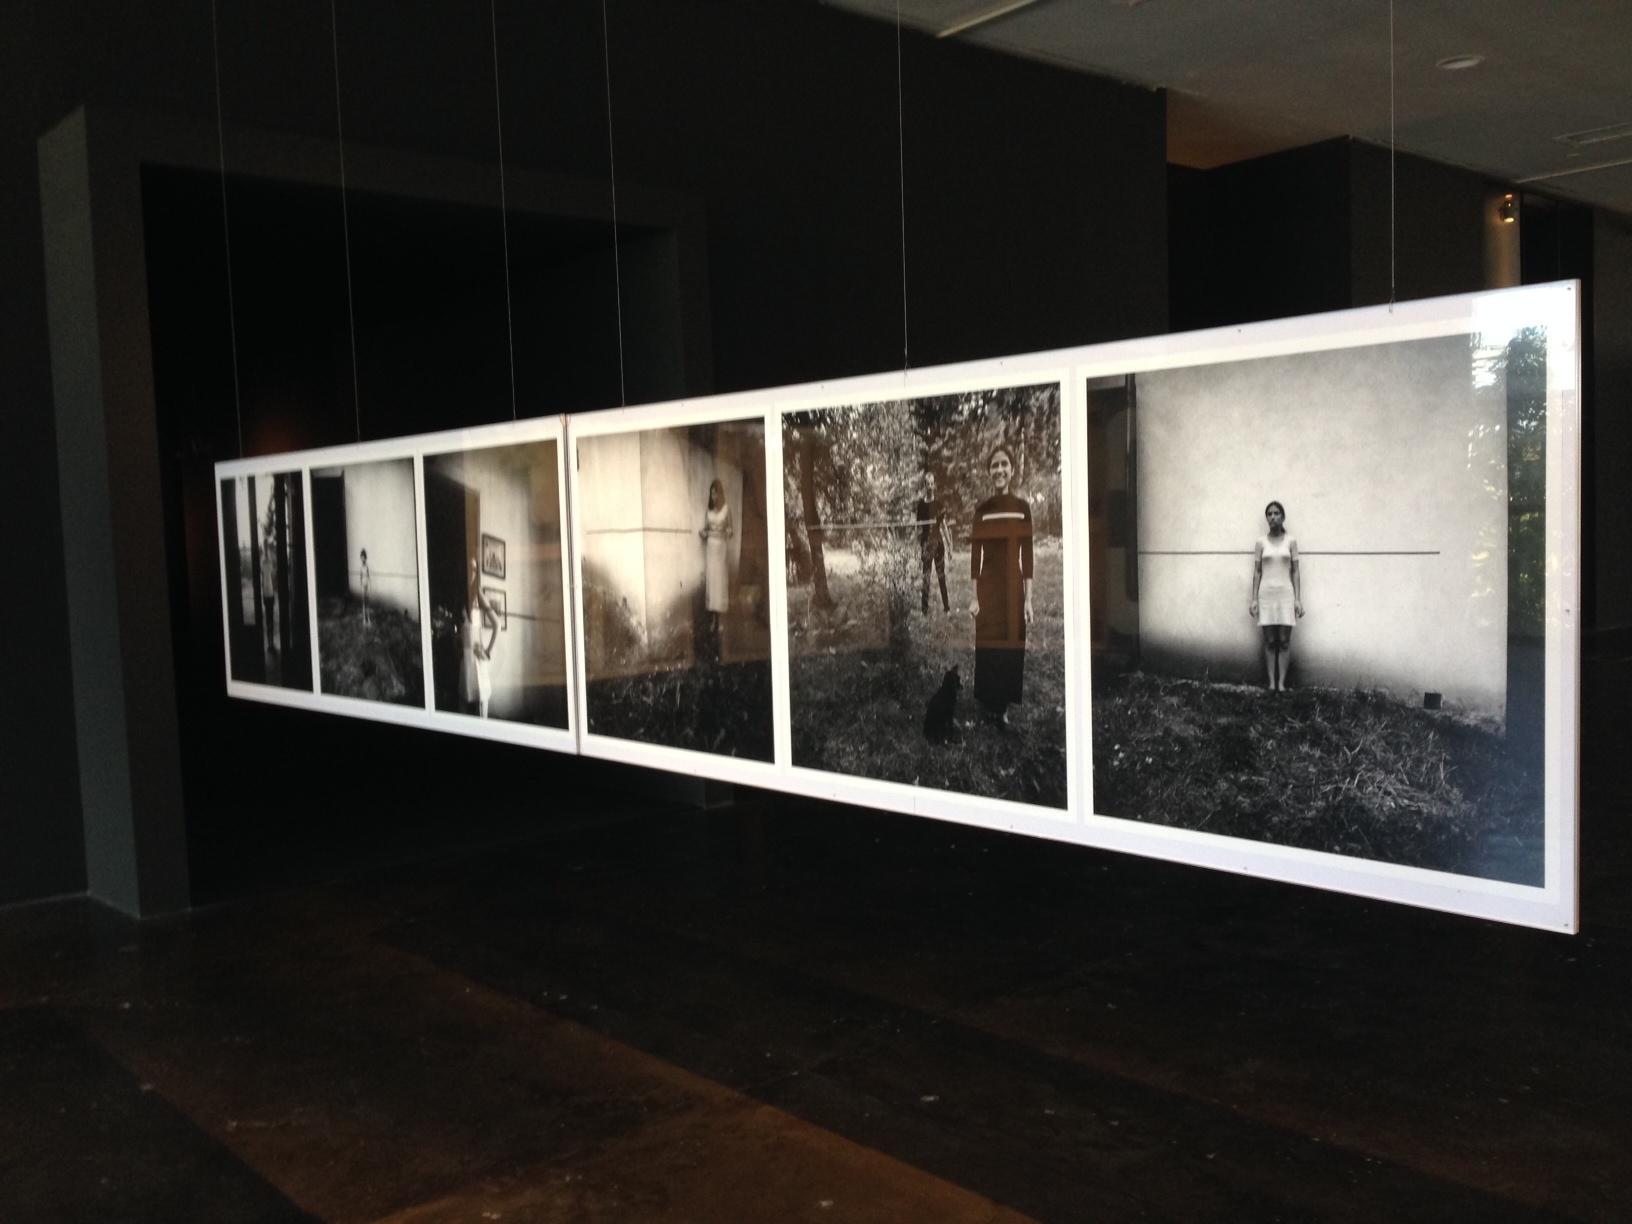 Edward Krasiński, widok wystawy, Biennale São Paulo, 2014